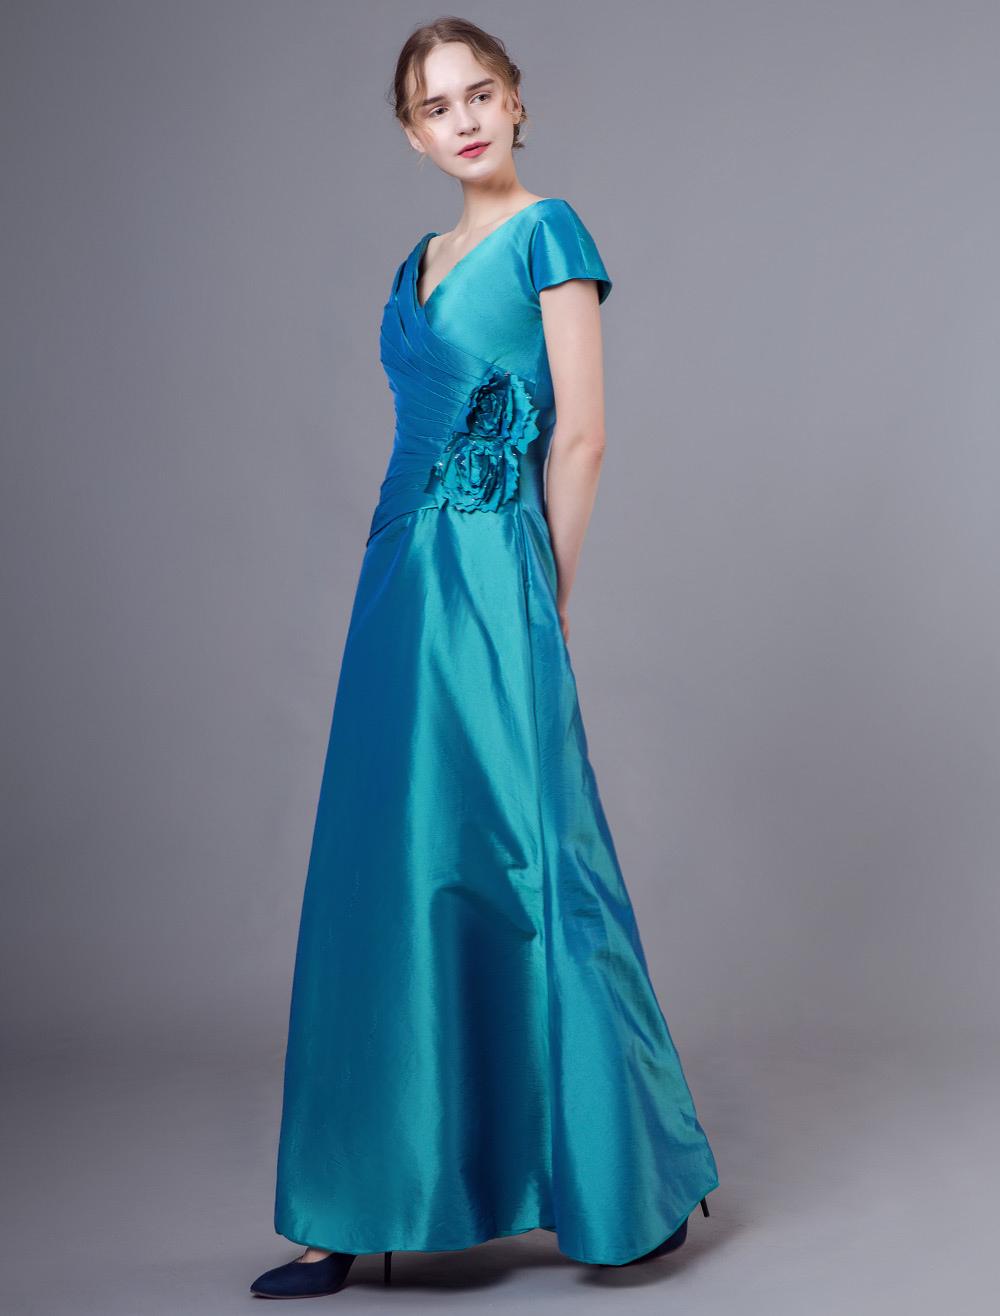 brautmutterkleider a-linie- abendkleider für hochzeit taft günstige  abendkleider blaugrün hochzeit kurzarm v-ausschnitt knöchellang mit  schnürung